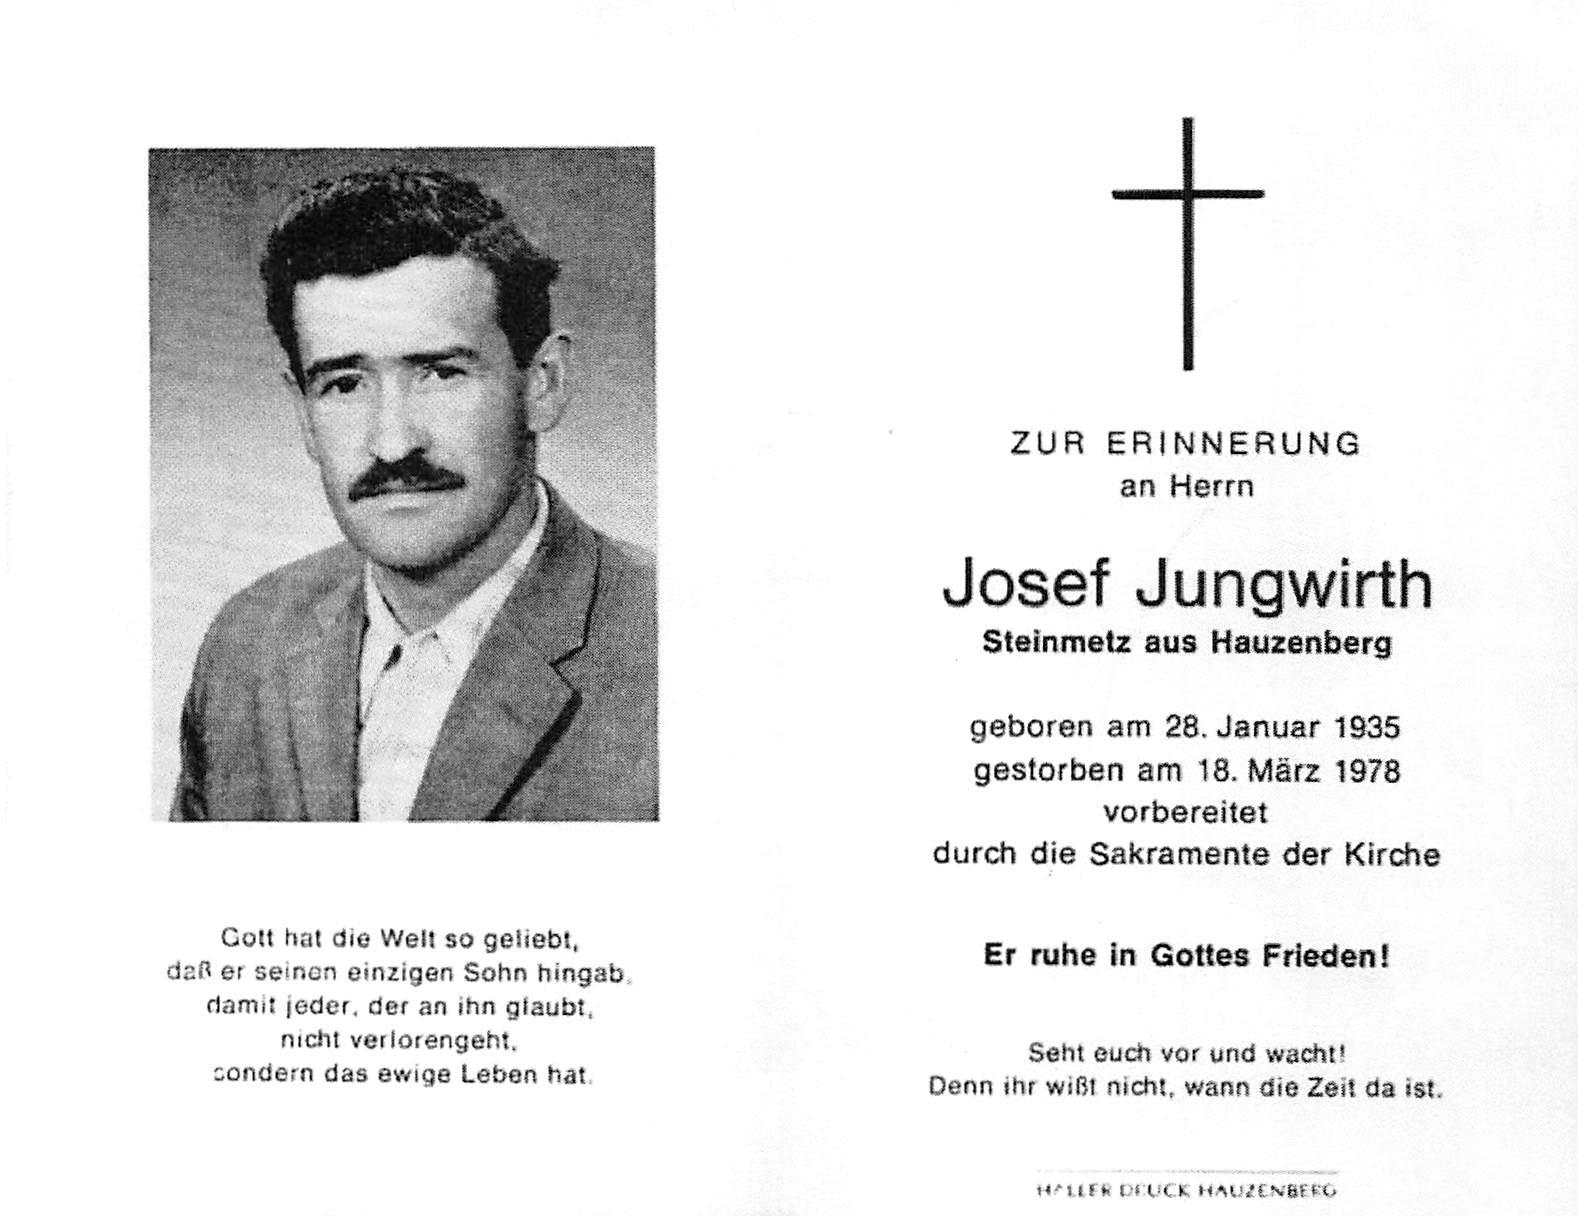 1978-03-18-Jungwirth-Josef-Hauzenberg-Steinmetz